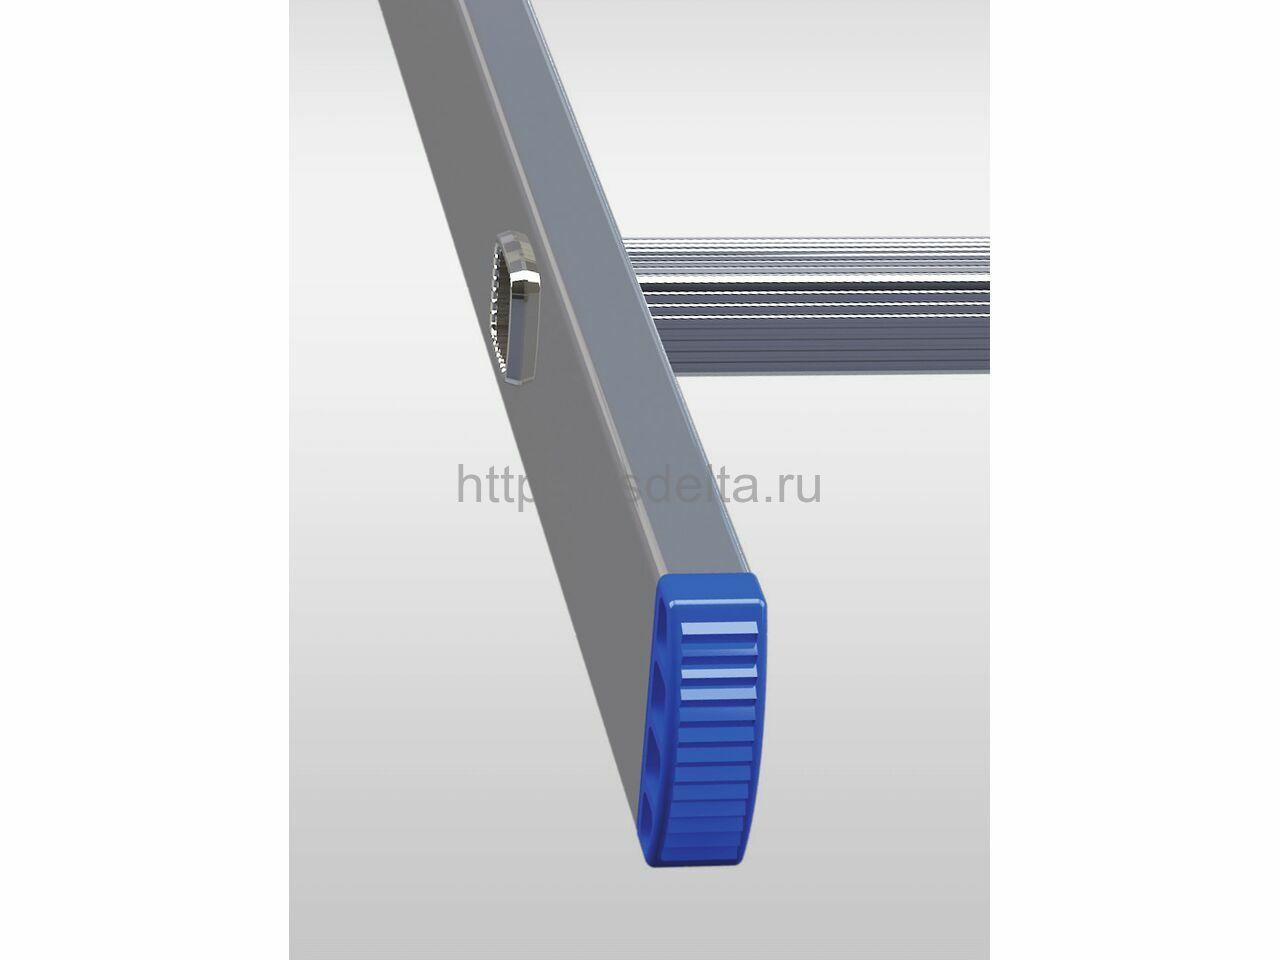 Односекционная алюминиевая лестница ELKOP VHR 1x14 HK